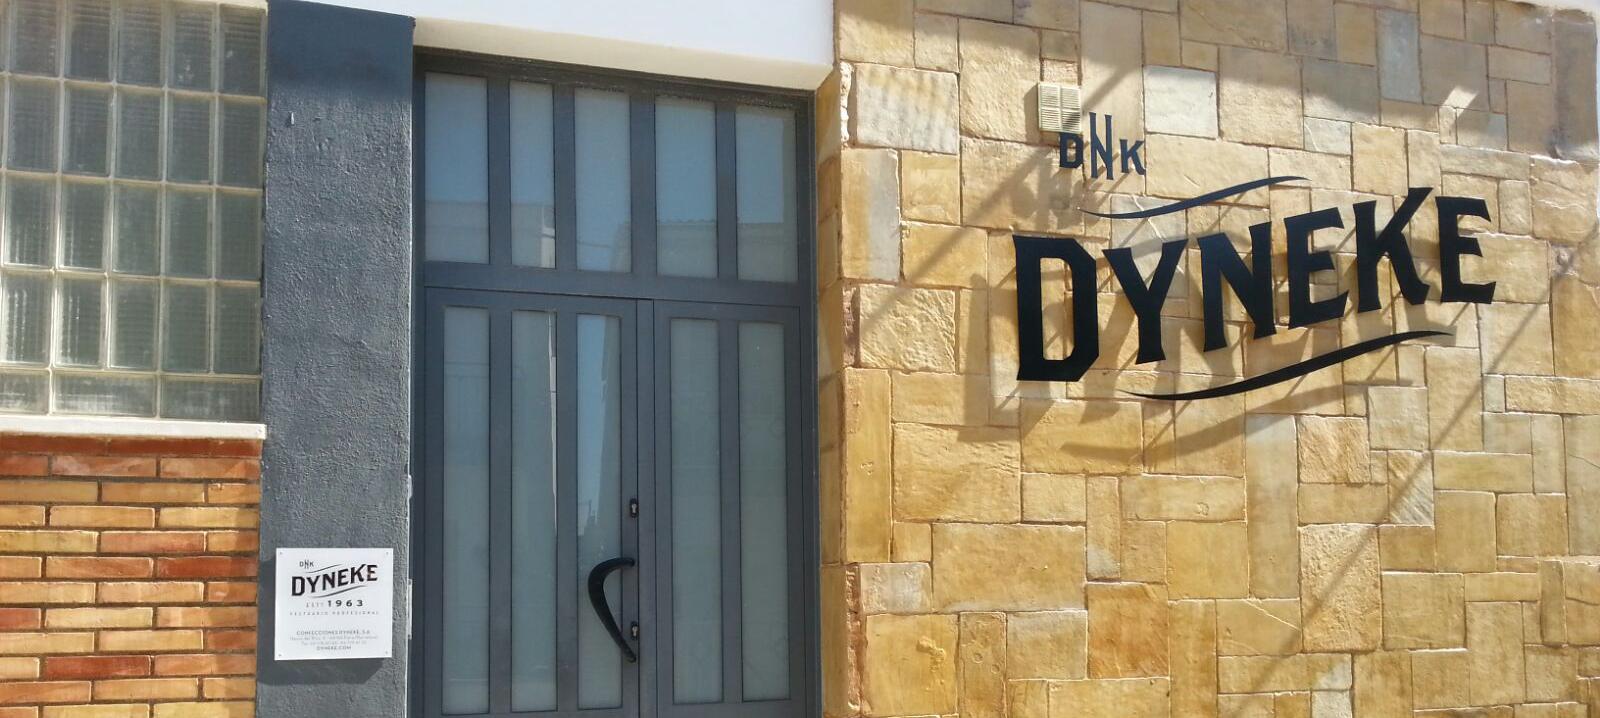 Dyneke renueva las instalaciones y la imagen corporativa